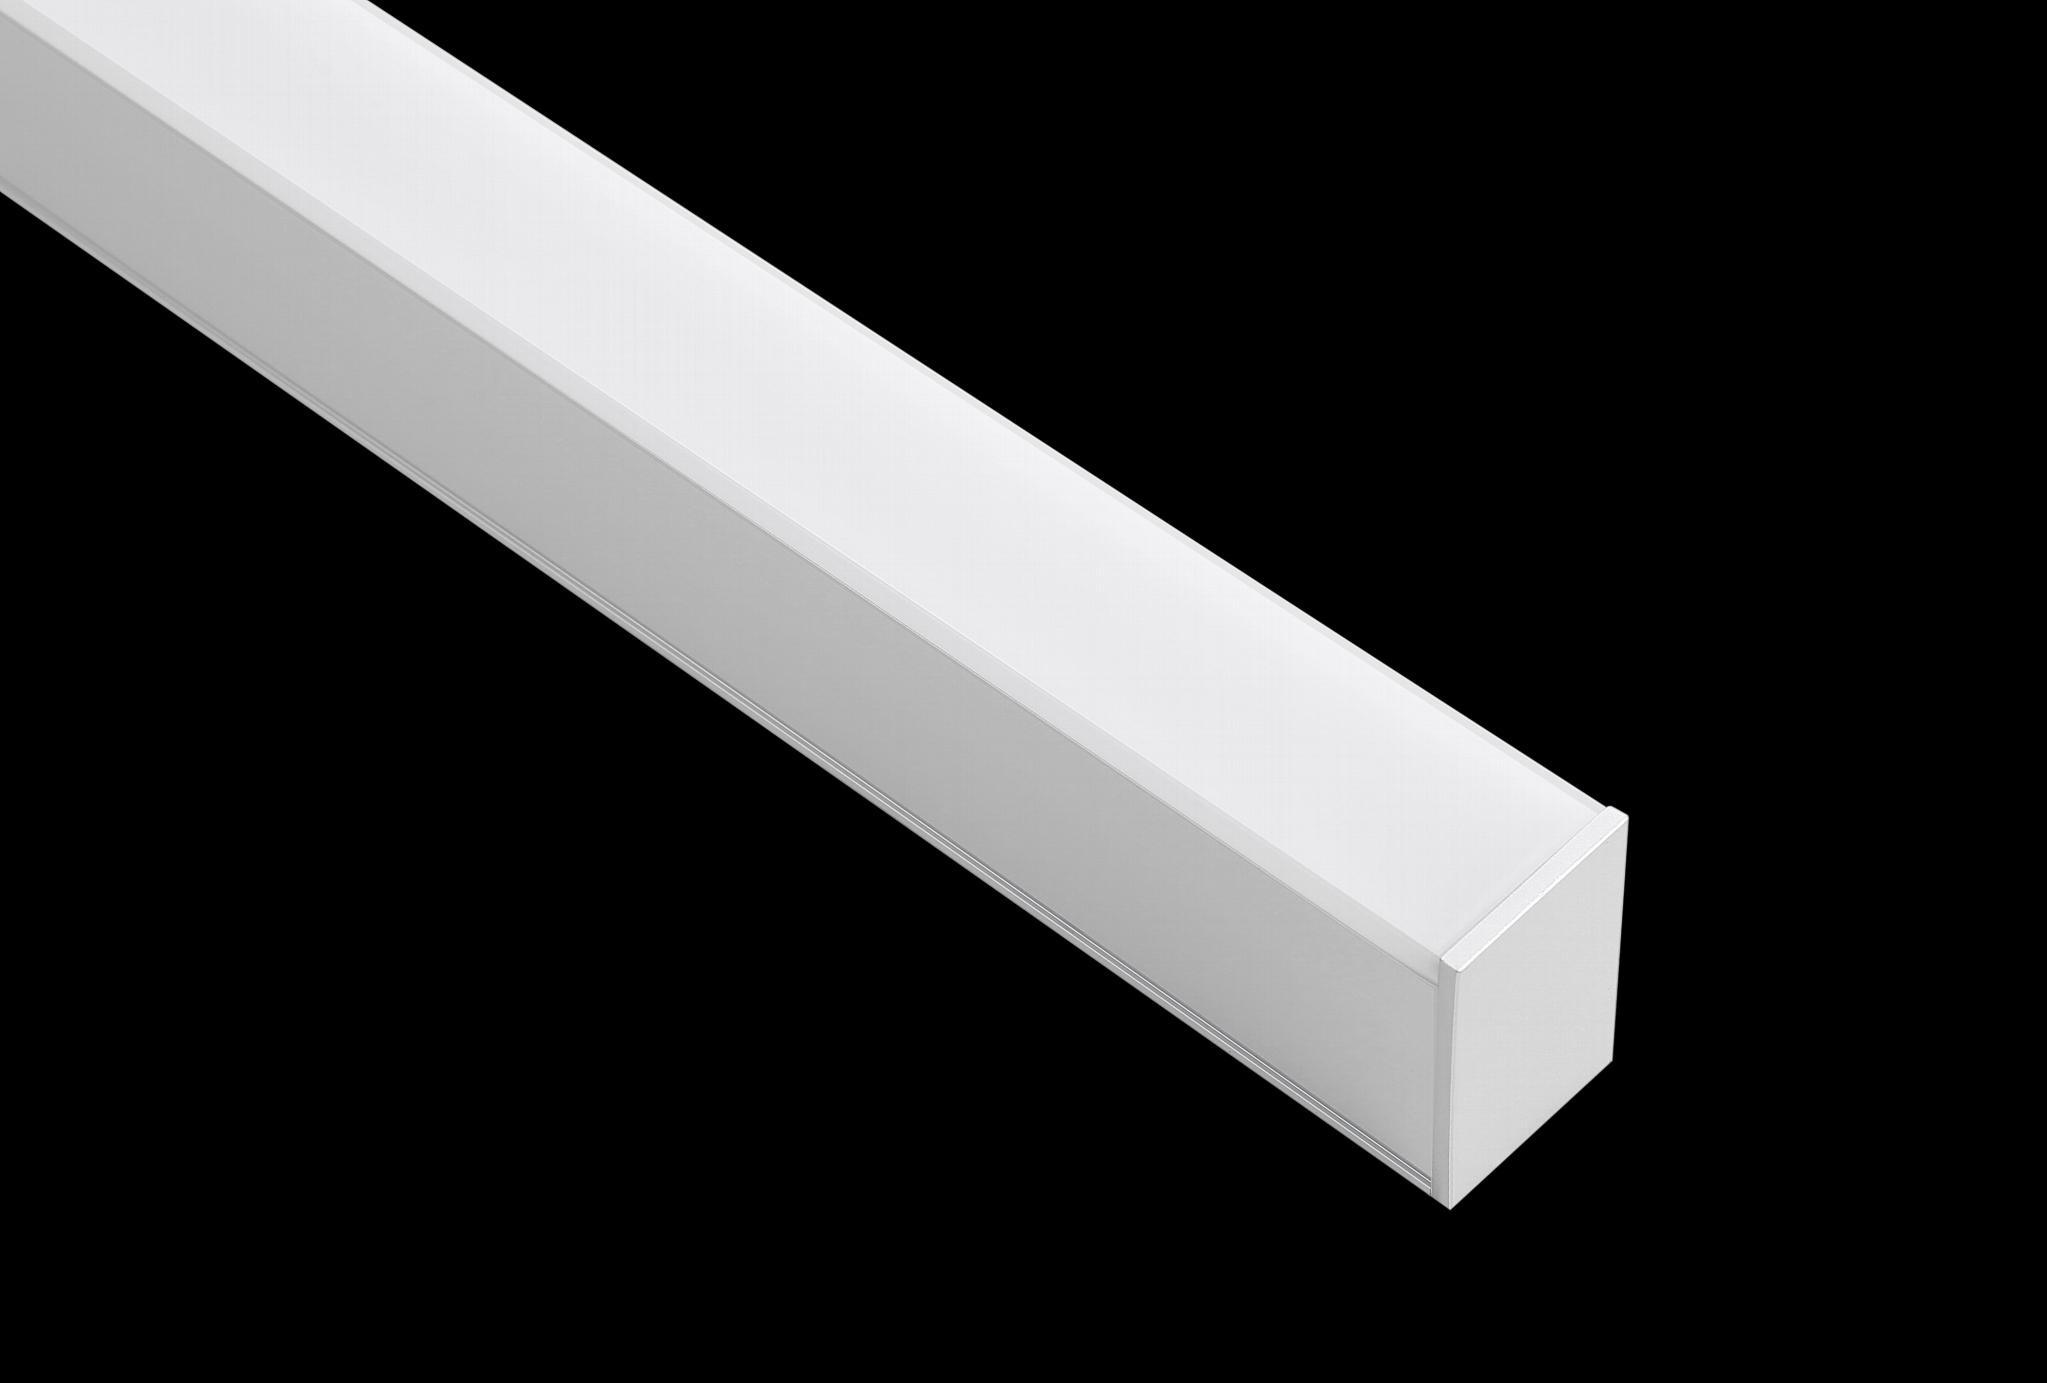 壁挂式線性燈 LS5075-PZ 2